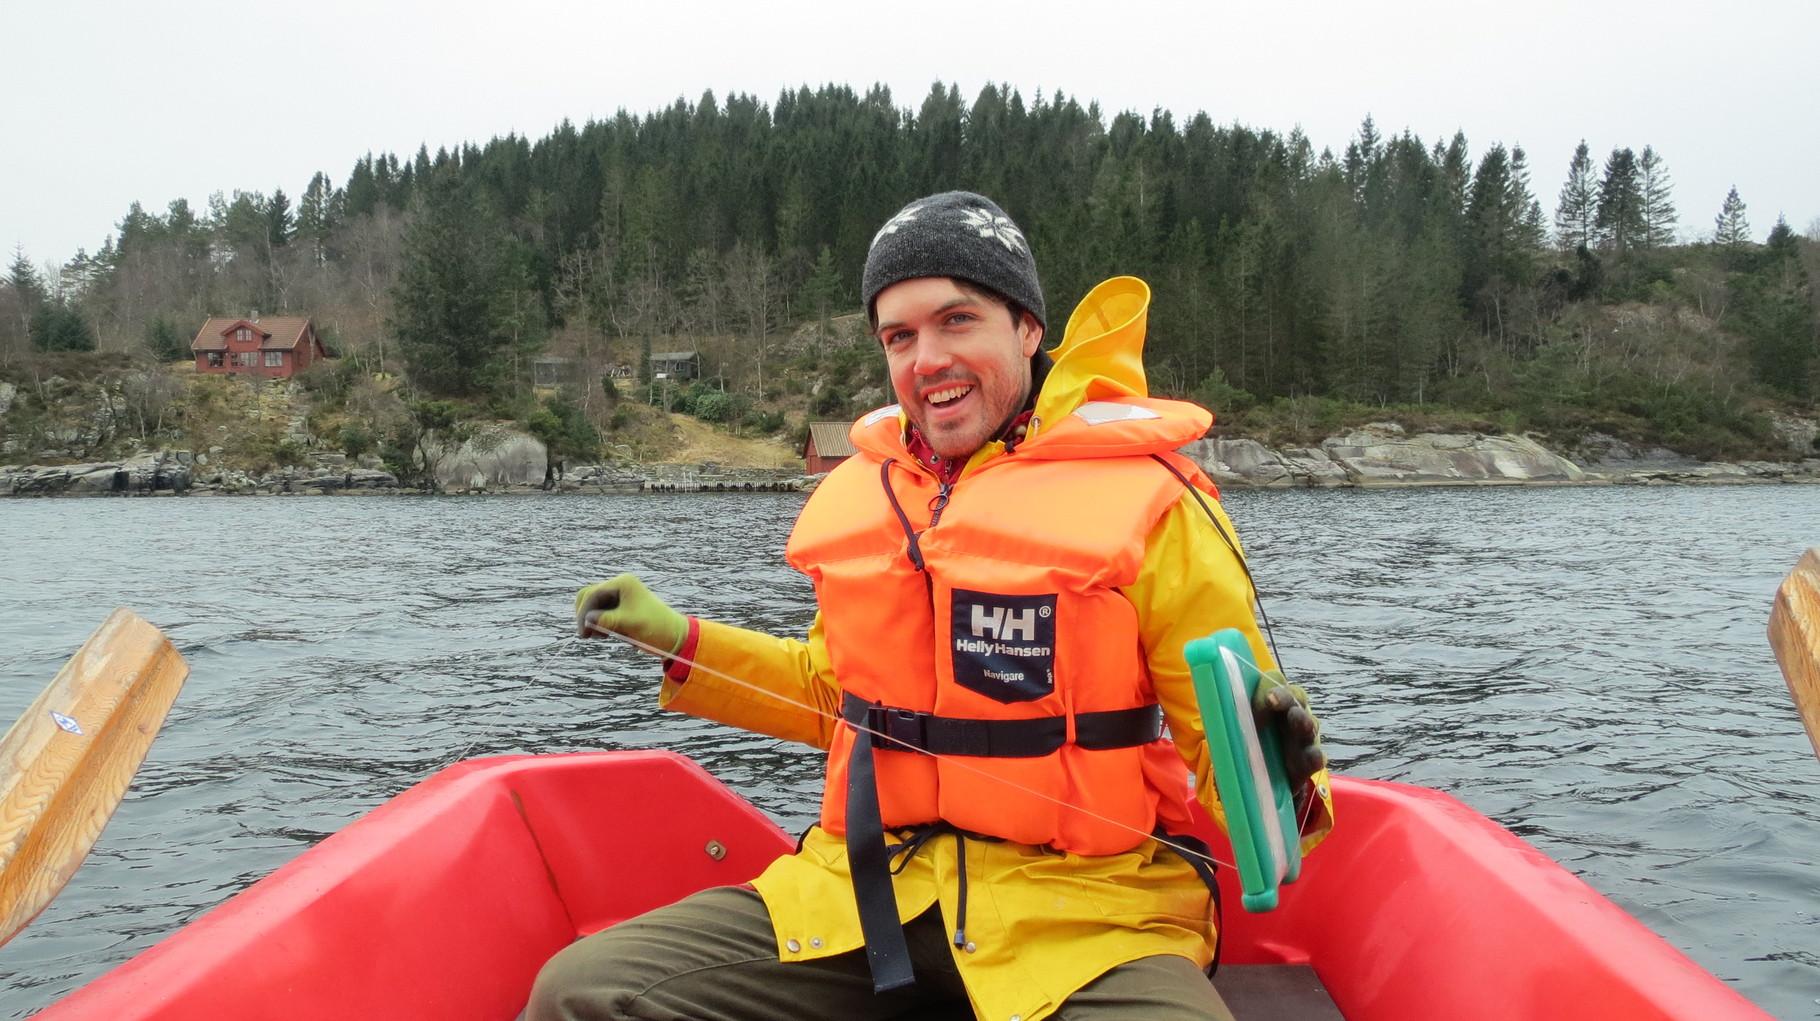 ... aber unser Fischzug bliebt leider erfolglos. Mit guter Laune ging es dann am Nachmittag zurück nach Stavanger!